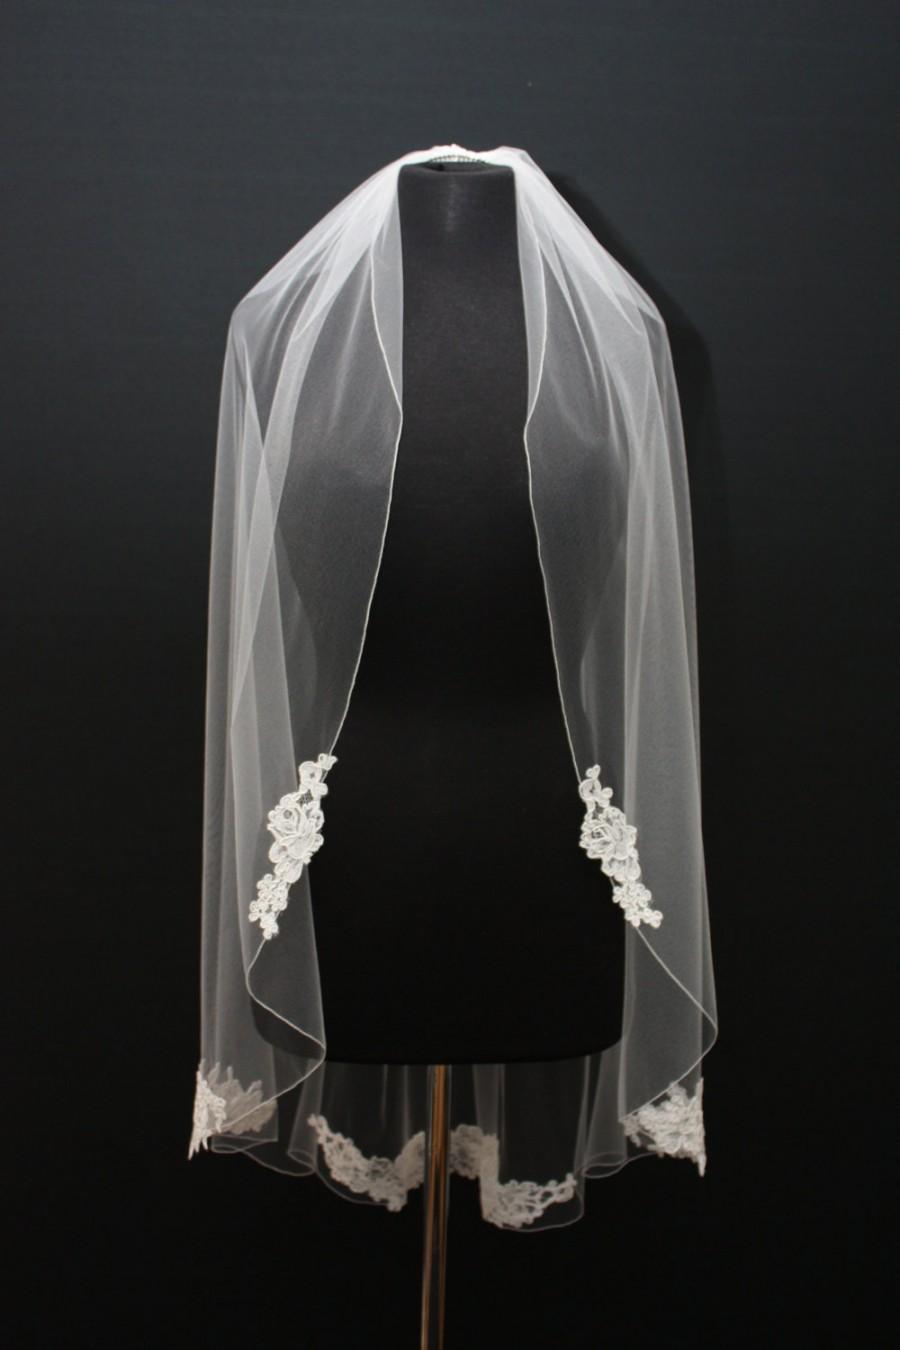 Mariage - Alencon Lace Applique Veil, pencil edge, Couture Patch Lace Veil, Fingertip lace veil, Ivory lace veil, floral lace veil, bridal veil.